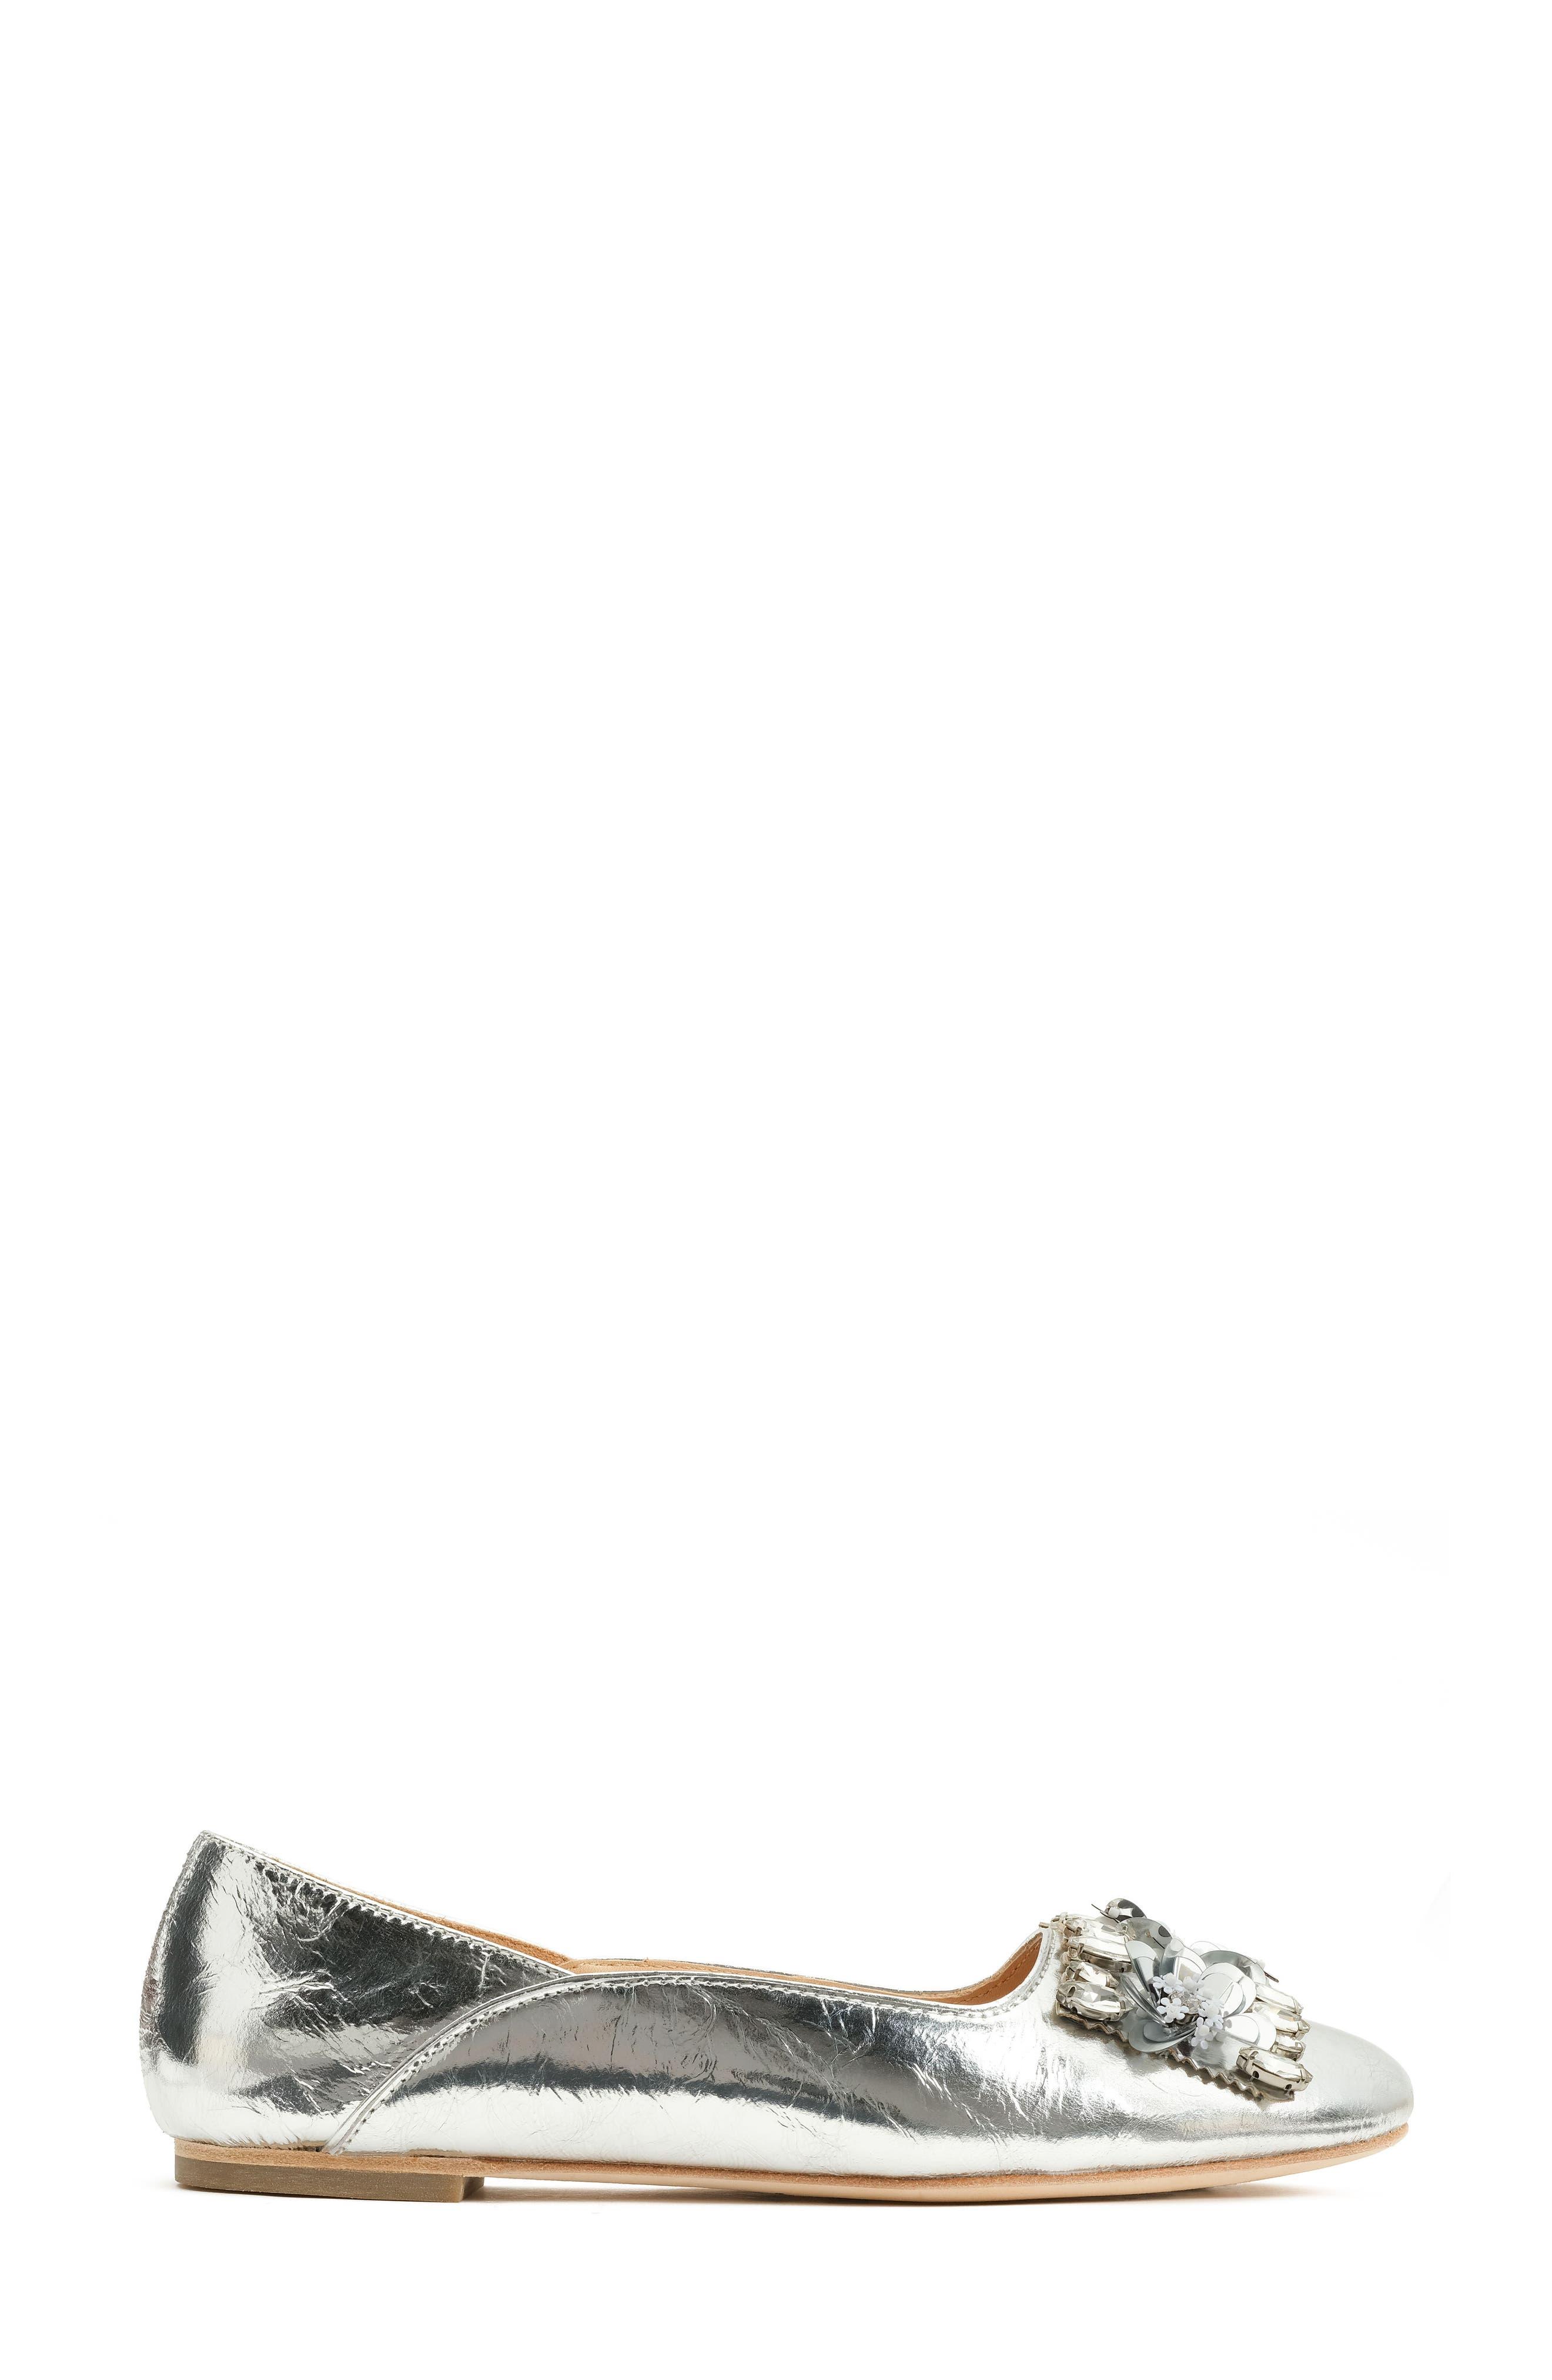 Aurey Embellished Ballet Flat,                             Alternate thumbnail 3, color,                             Silver Foil